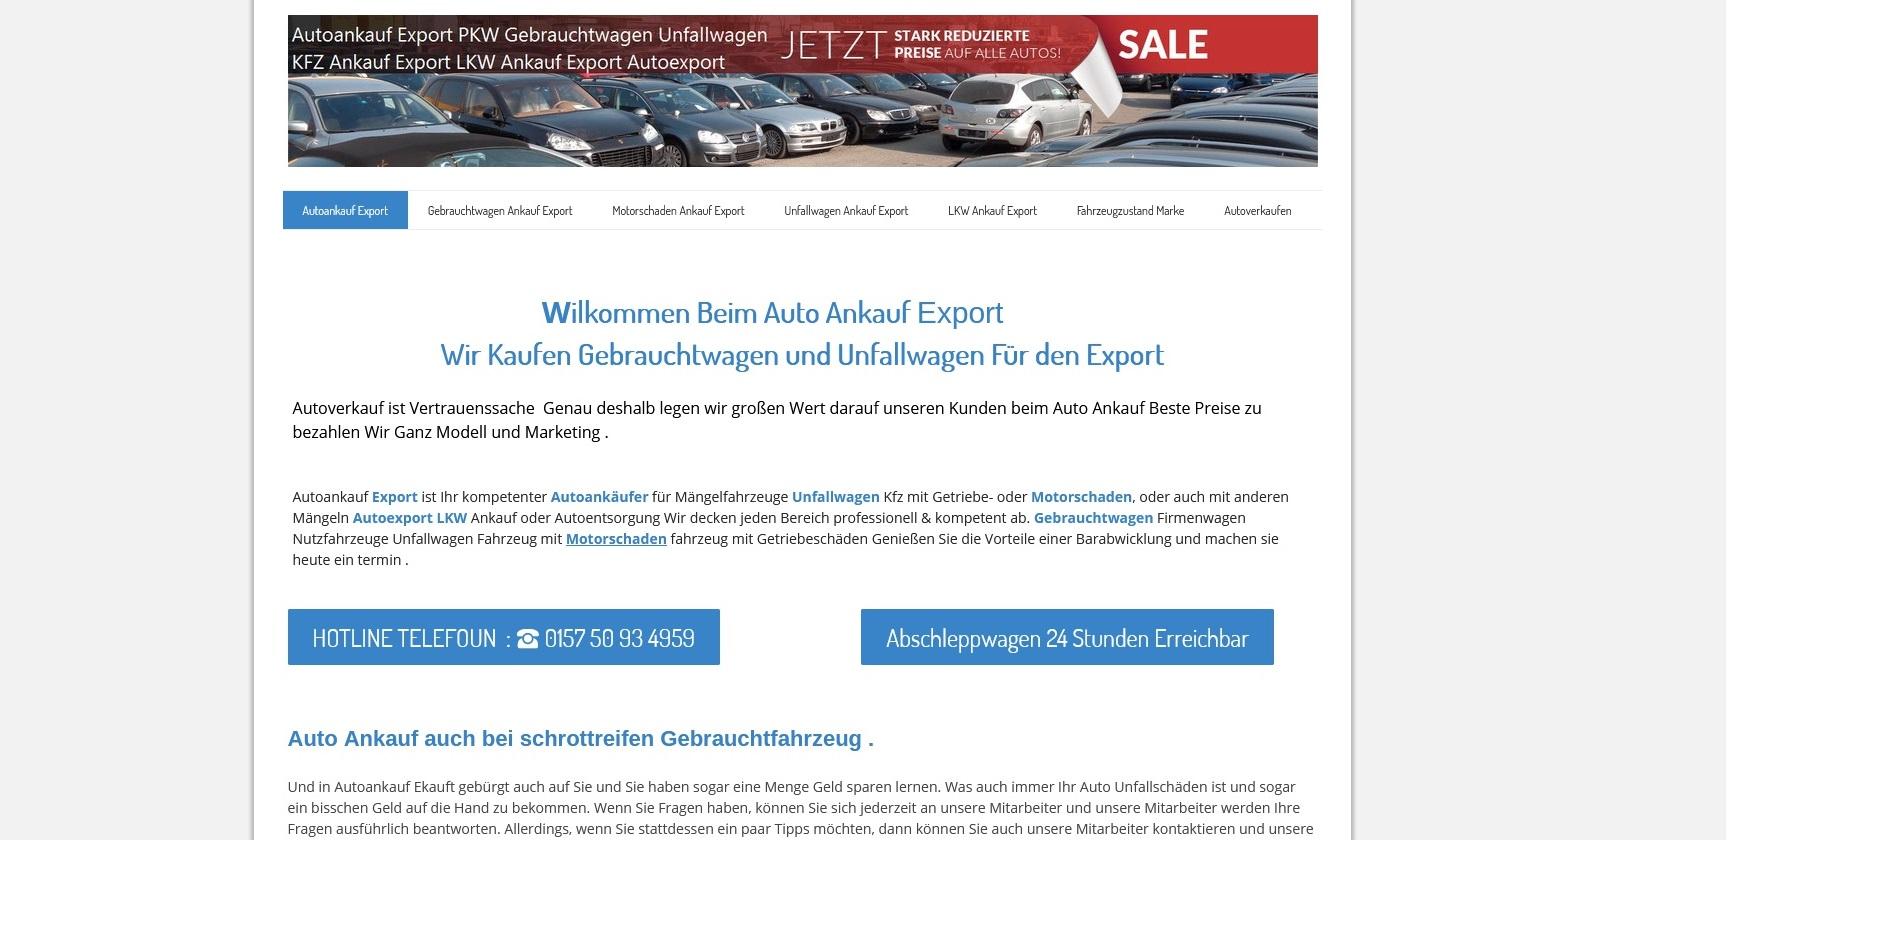 autoankauf willich professionelle und sichere autoverkauf - Autoankauf Willich professionelle und sichere Autoverkauf